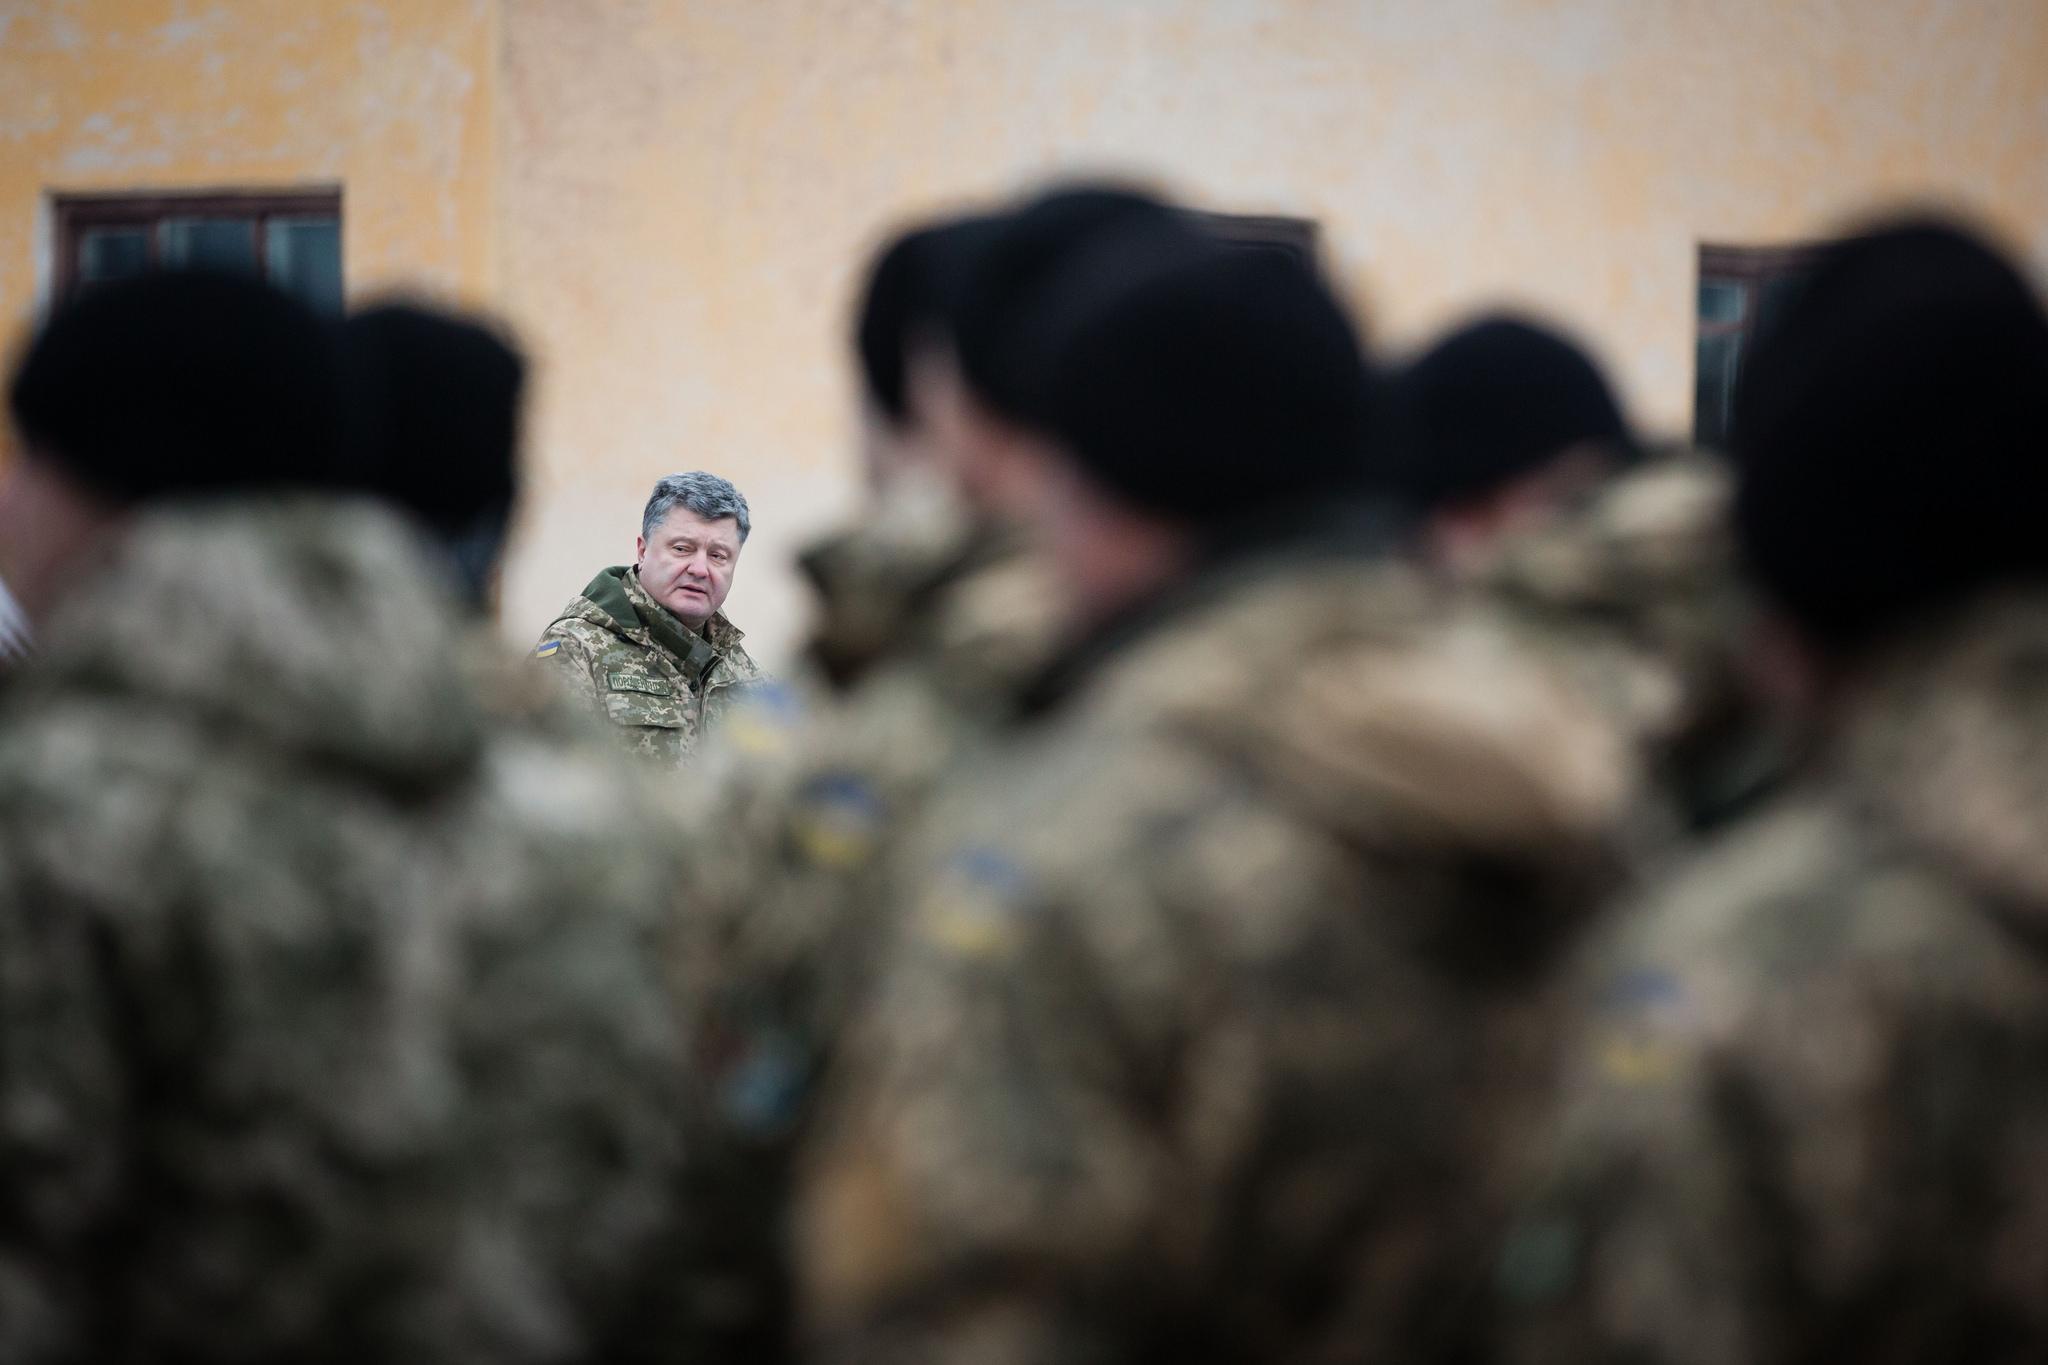 Без мобилизации и перевода экономики на военные рельсы Россия не сможет осуществить большое наступление на Украину